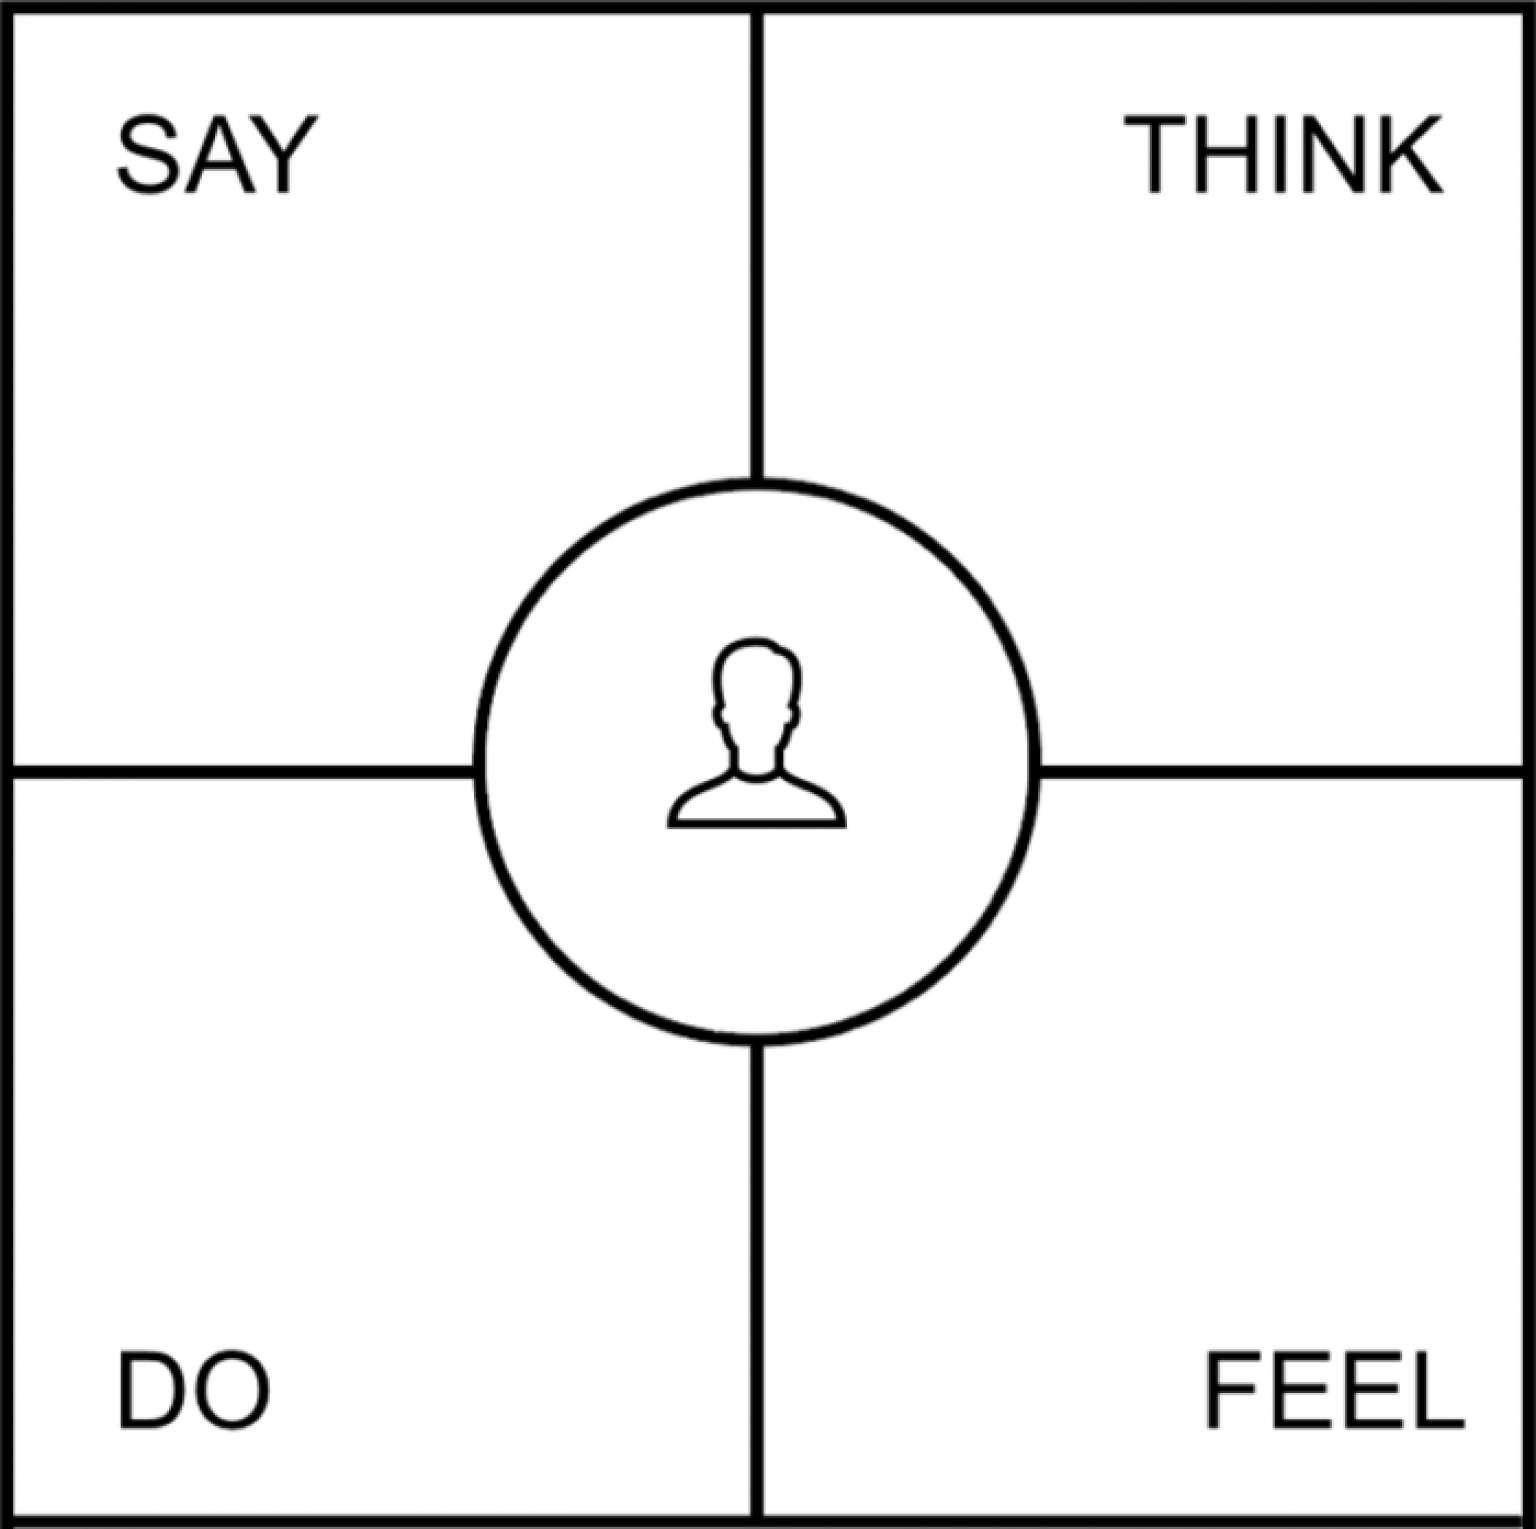 製品を使用する際のユーザーの意見、考え方、行動、感情を示す共感マップのビジュアル。